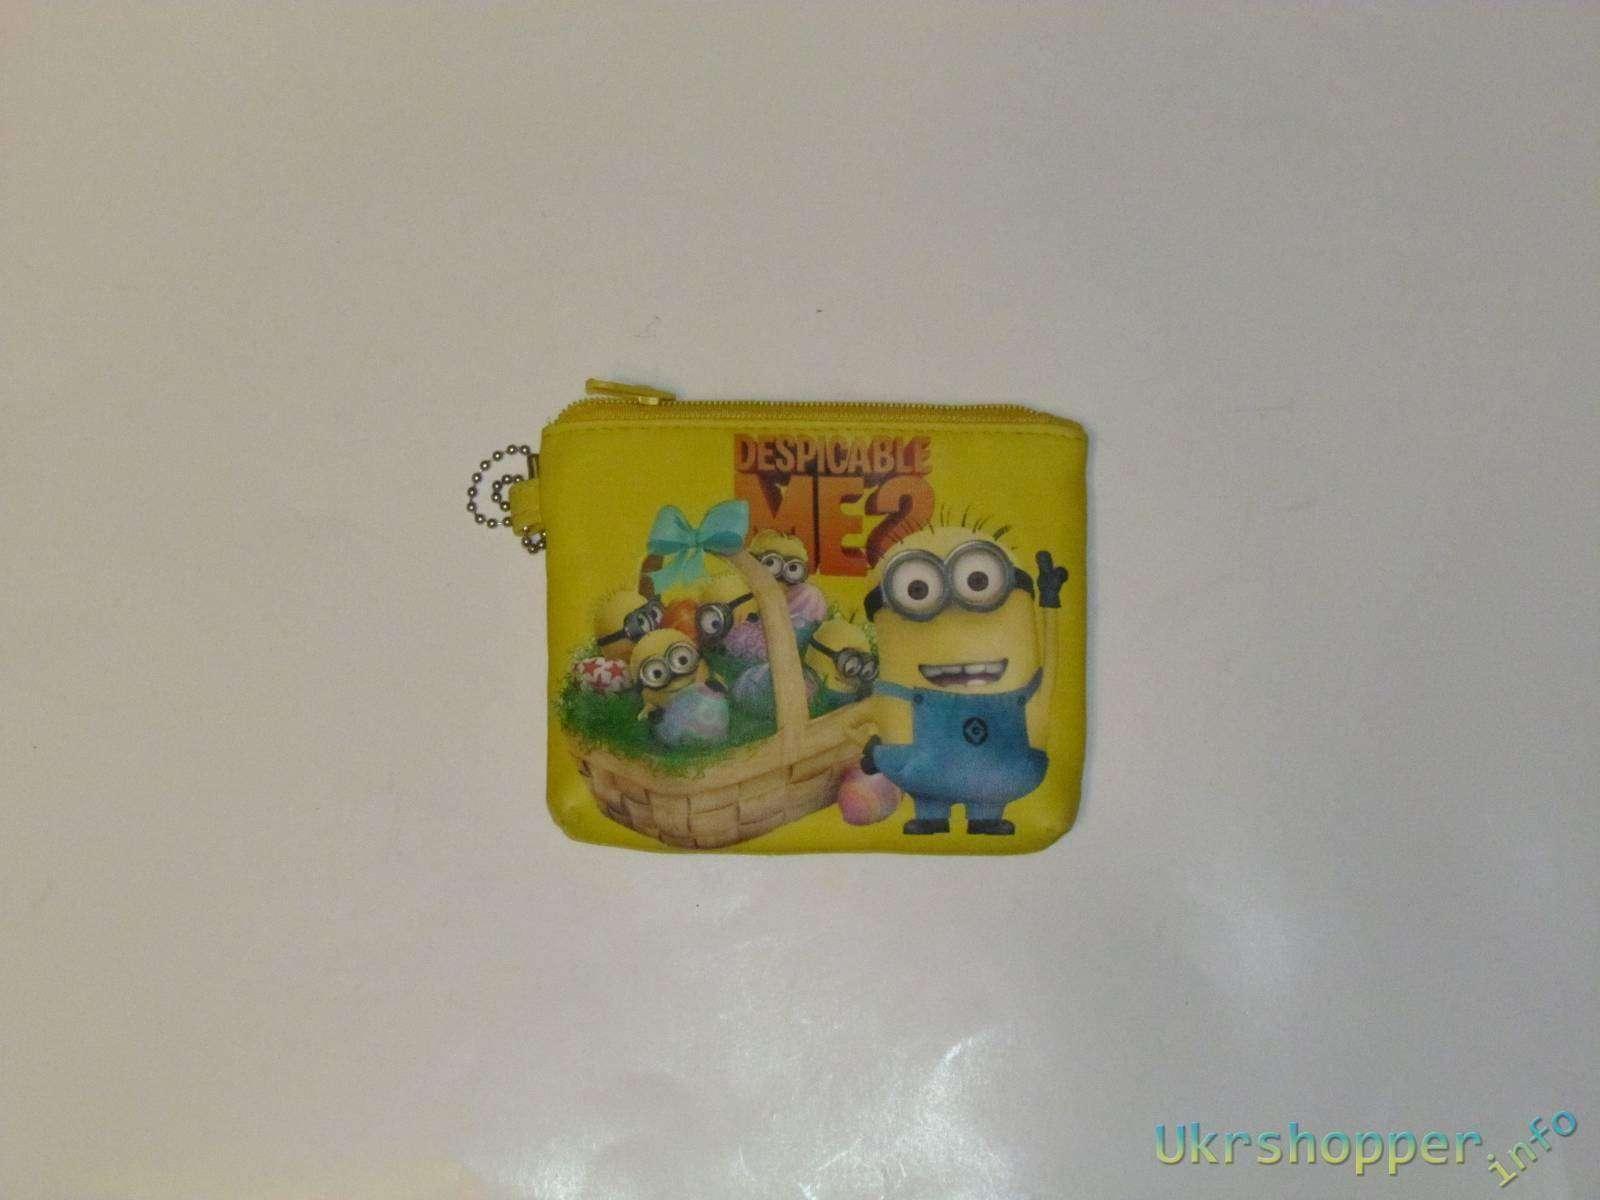 Aliexpress: Детский кошелек на тему минионов из мультфильма Гадкий Я